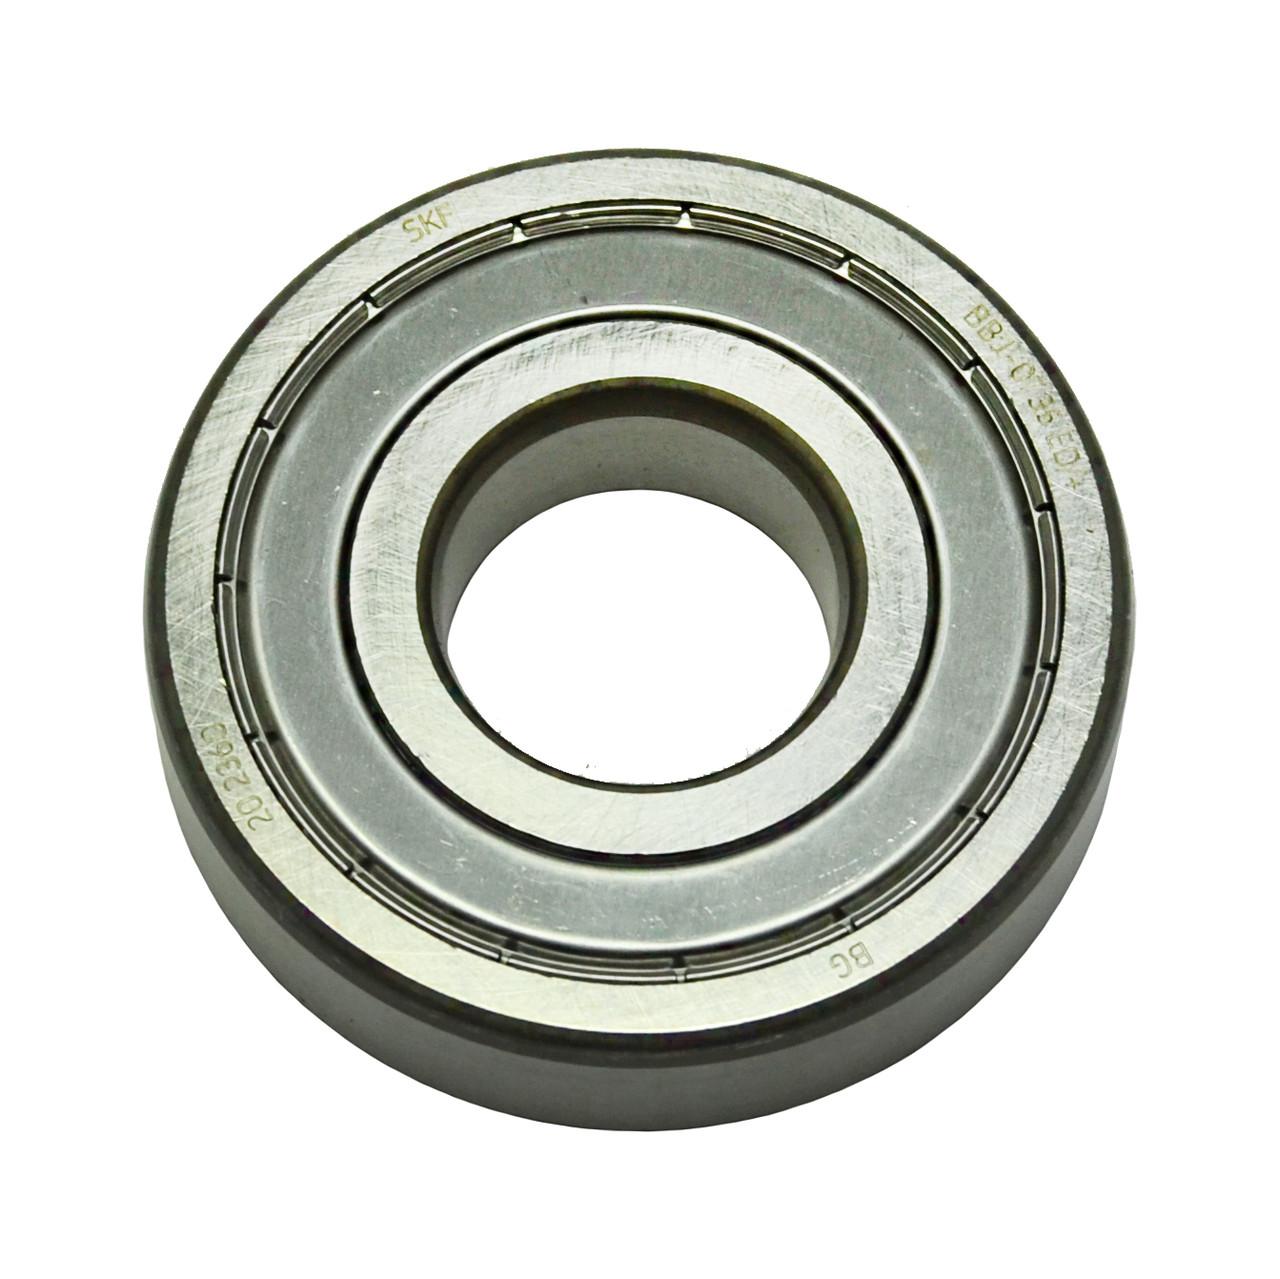 Подшипник SKF 6305 для стиральных машин 49029954